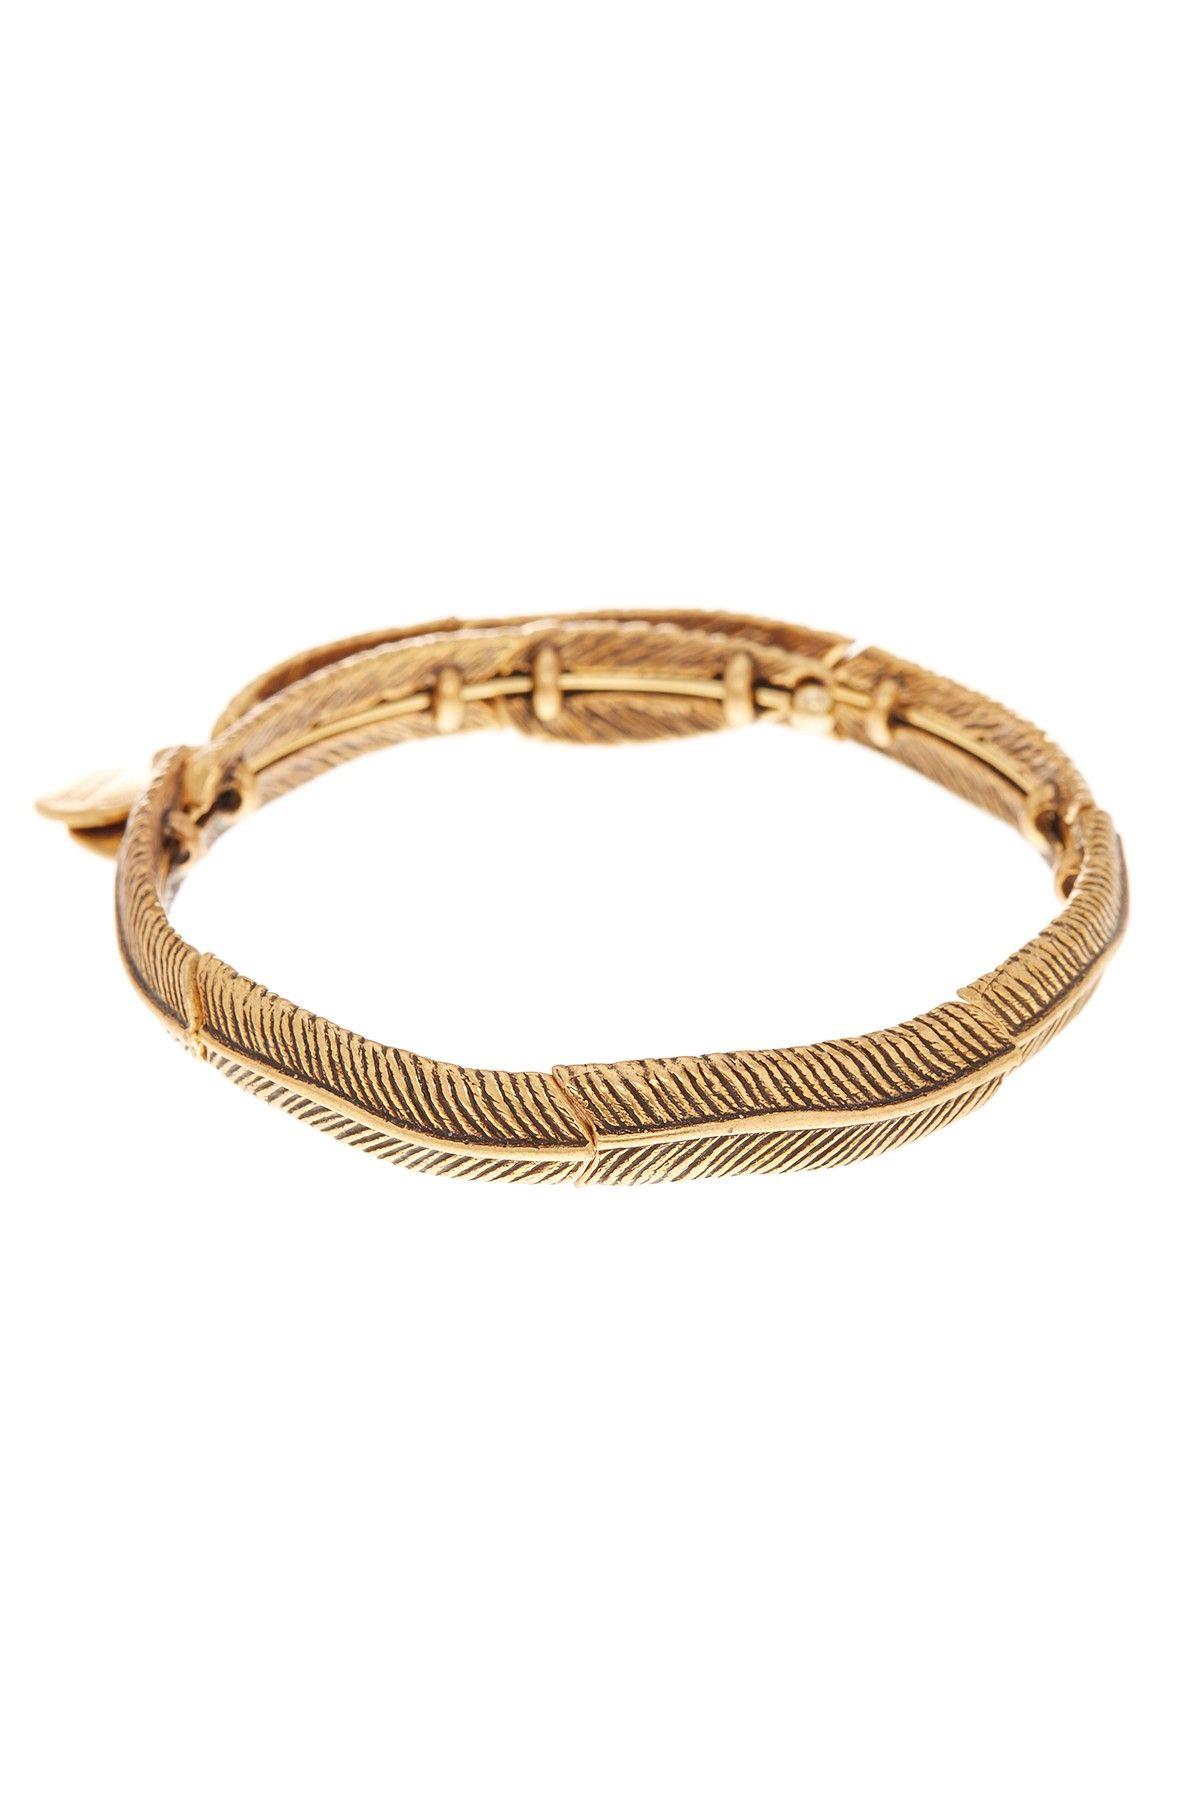 Alex and ani u feather spirit wrap bracelet alex and ani